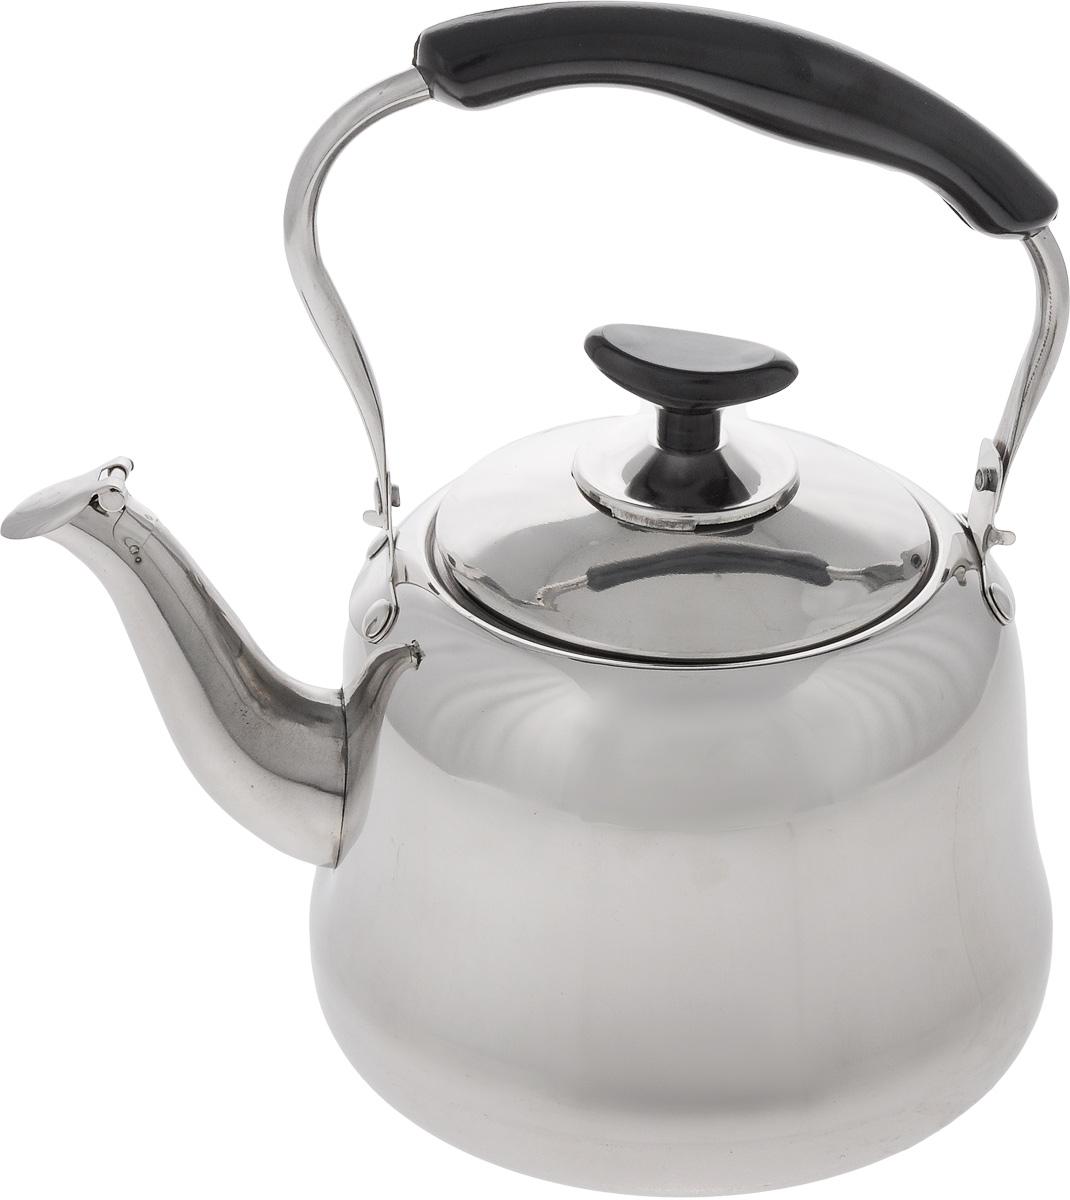 Чайник Mayer & Boch, со свистком, 2 л. 2350523505Чайник Mayer & Boch изготовлен из высококачественной нержавеющей стали. Гигиеничен и устойчив к износу при длительном использовании. Гладкая и ровная поверхность существенно облегчает уход за посудой. Благодаря высококачественным материалам, при кипячении чайник сохраняет все полезные свойства воды. Носик чайника оснащен свистком, звуковой сигнал которого подскажет, когда закипит вода. Это освободит вас от непрерывного наблюдения за чайником. Эргономичная ручка выполнена из бакелита. Чайник со свистком Mayer & Boch подходит для использования на газовых, электрических и стеклокерамических плитах. Также изделие можно мыть в посудомоечной машине. Диаметр чайника (по верхнему краю): 10 см. Высота чайника (без учета крышки и ручки): 11,5 см. Высота чайника (с учетом ручки): 22,5 см.